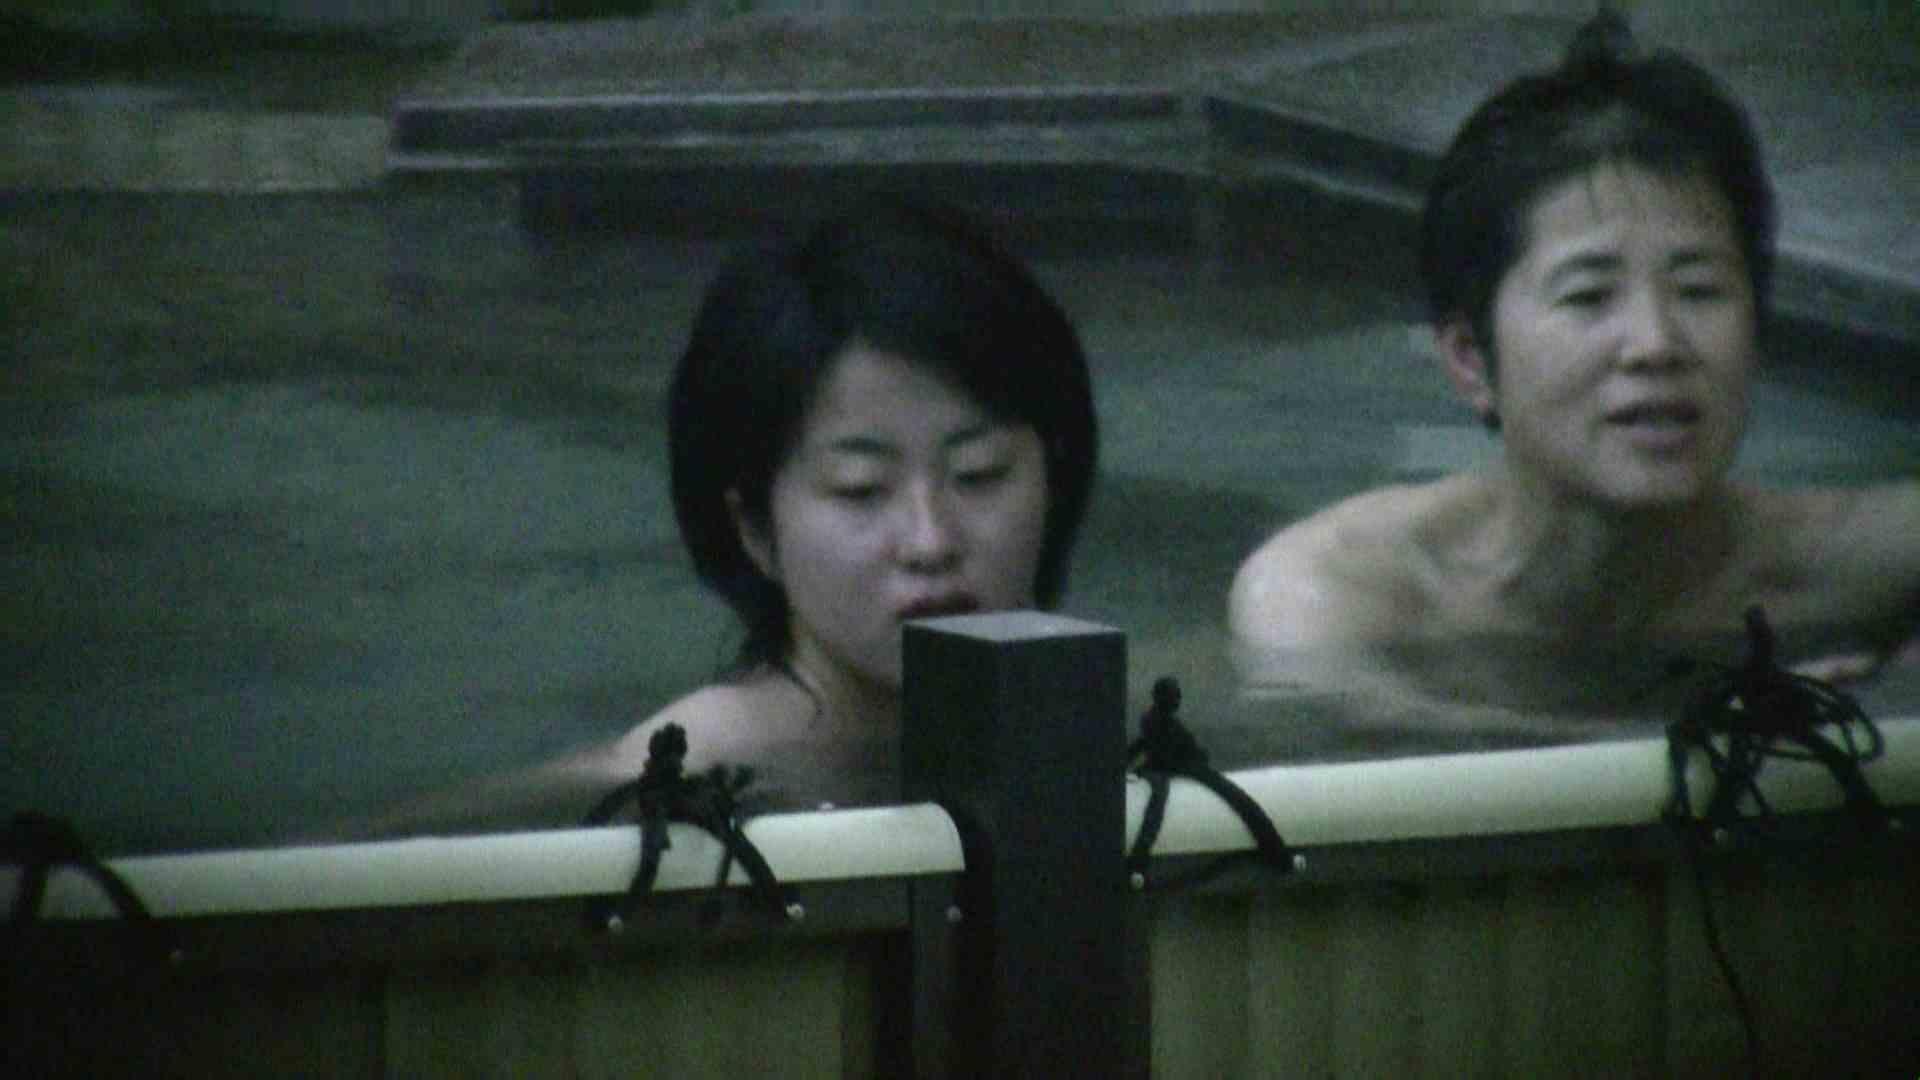 Aquaな露天風呂Vol.112 OLエロ画像  26PICs 15